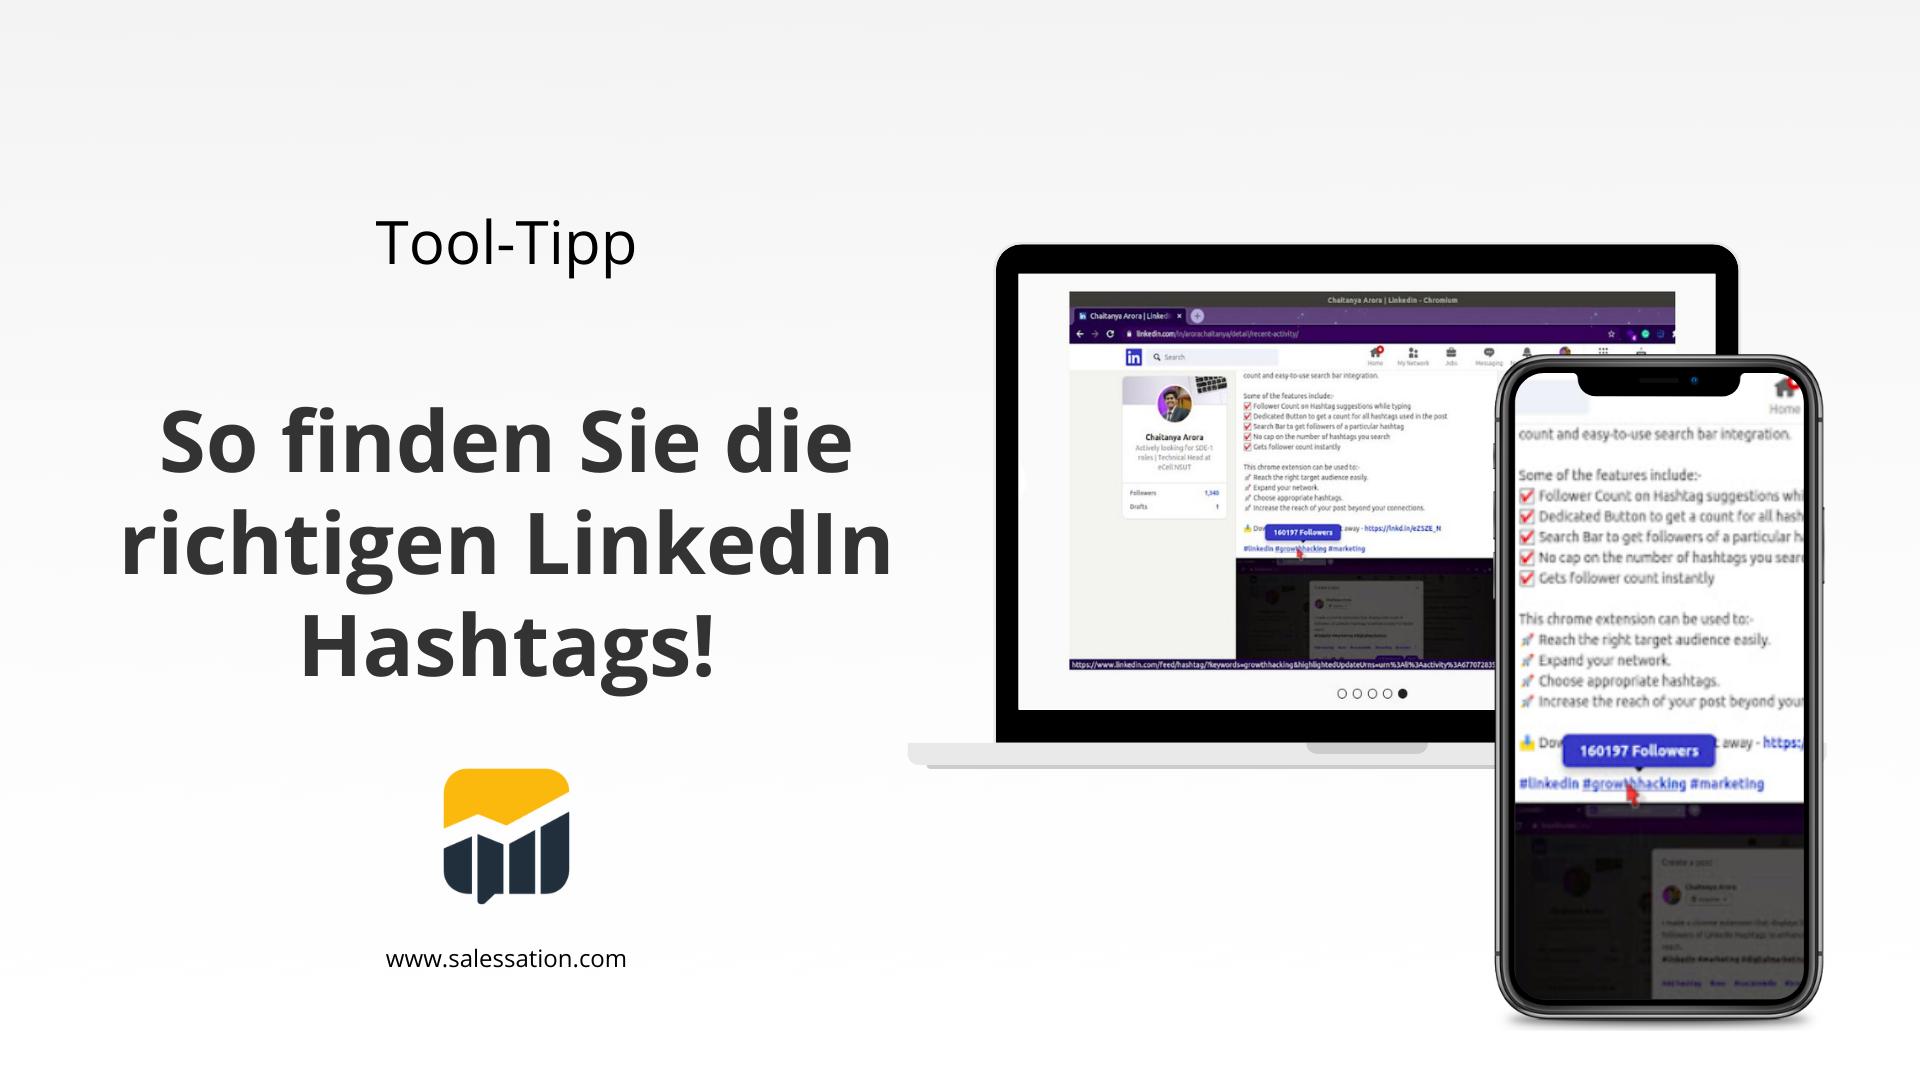 tool-tipp-linkedin-hashtags